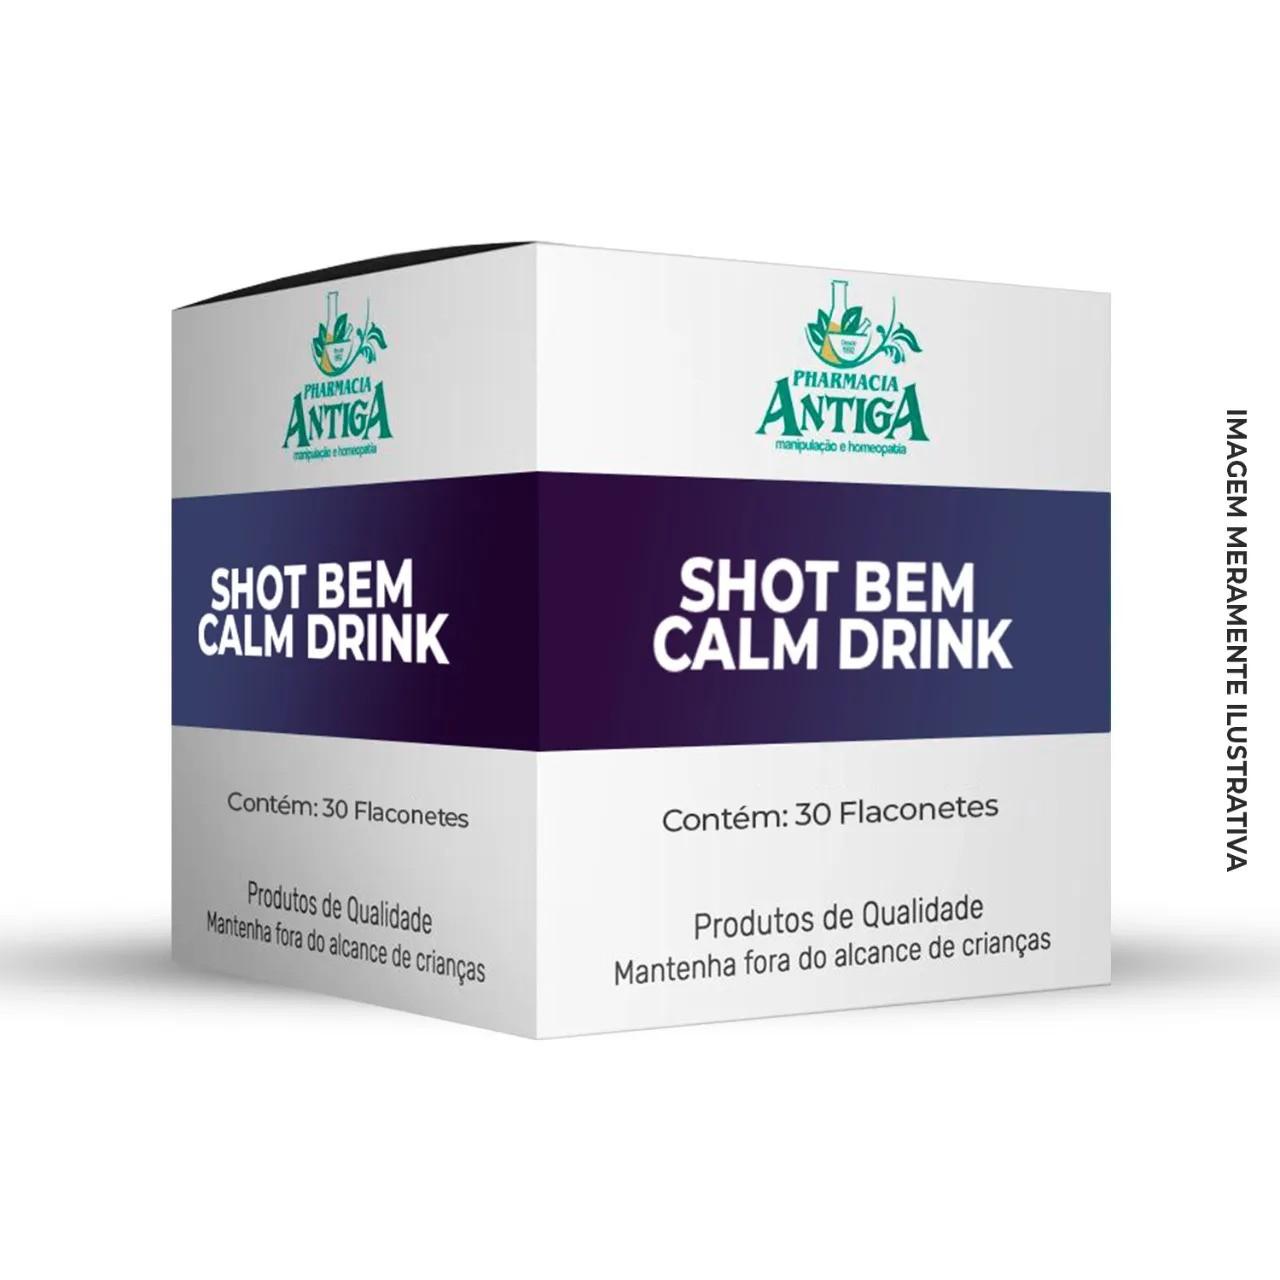 Shot Bem Calm Drink